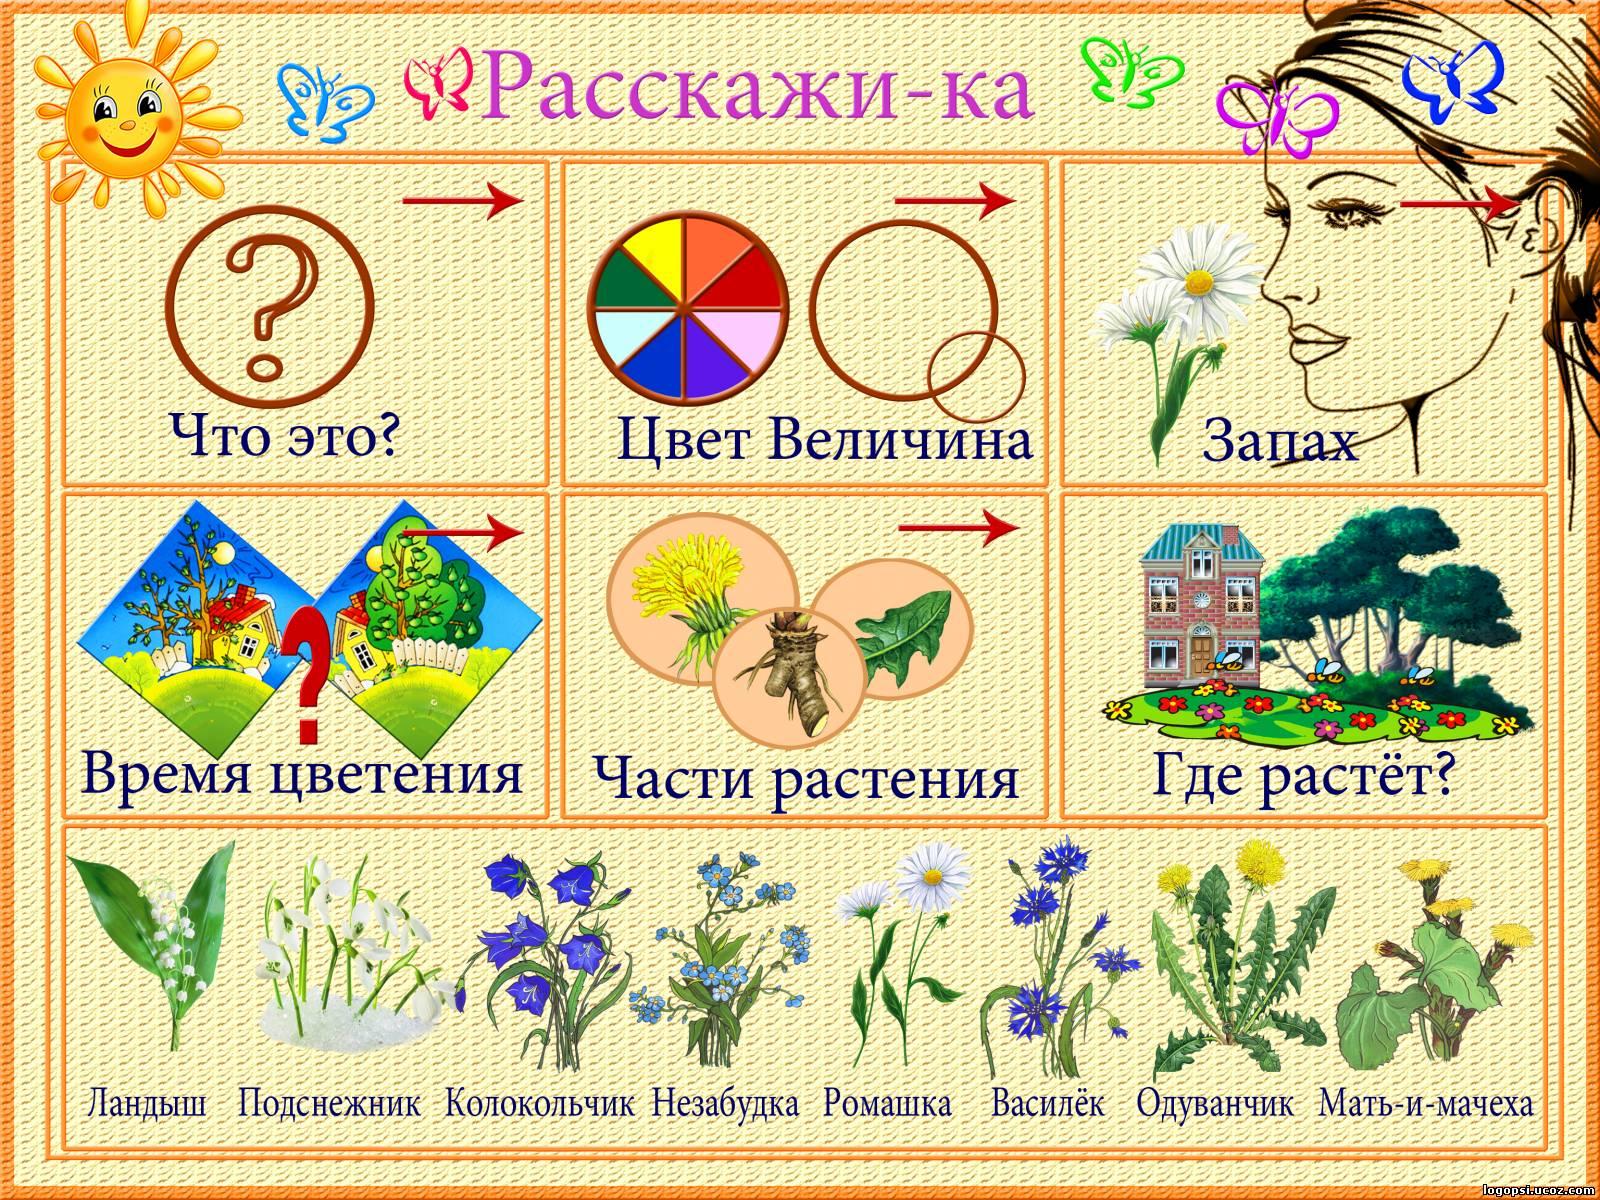 Карточки схемы картинок для рассказа